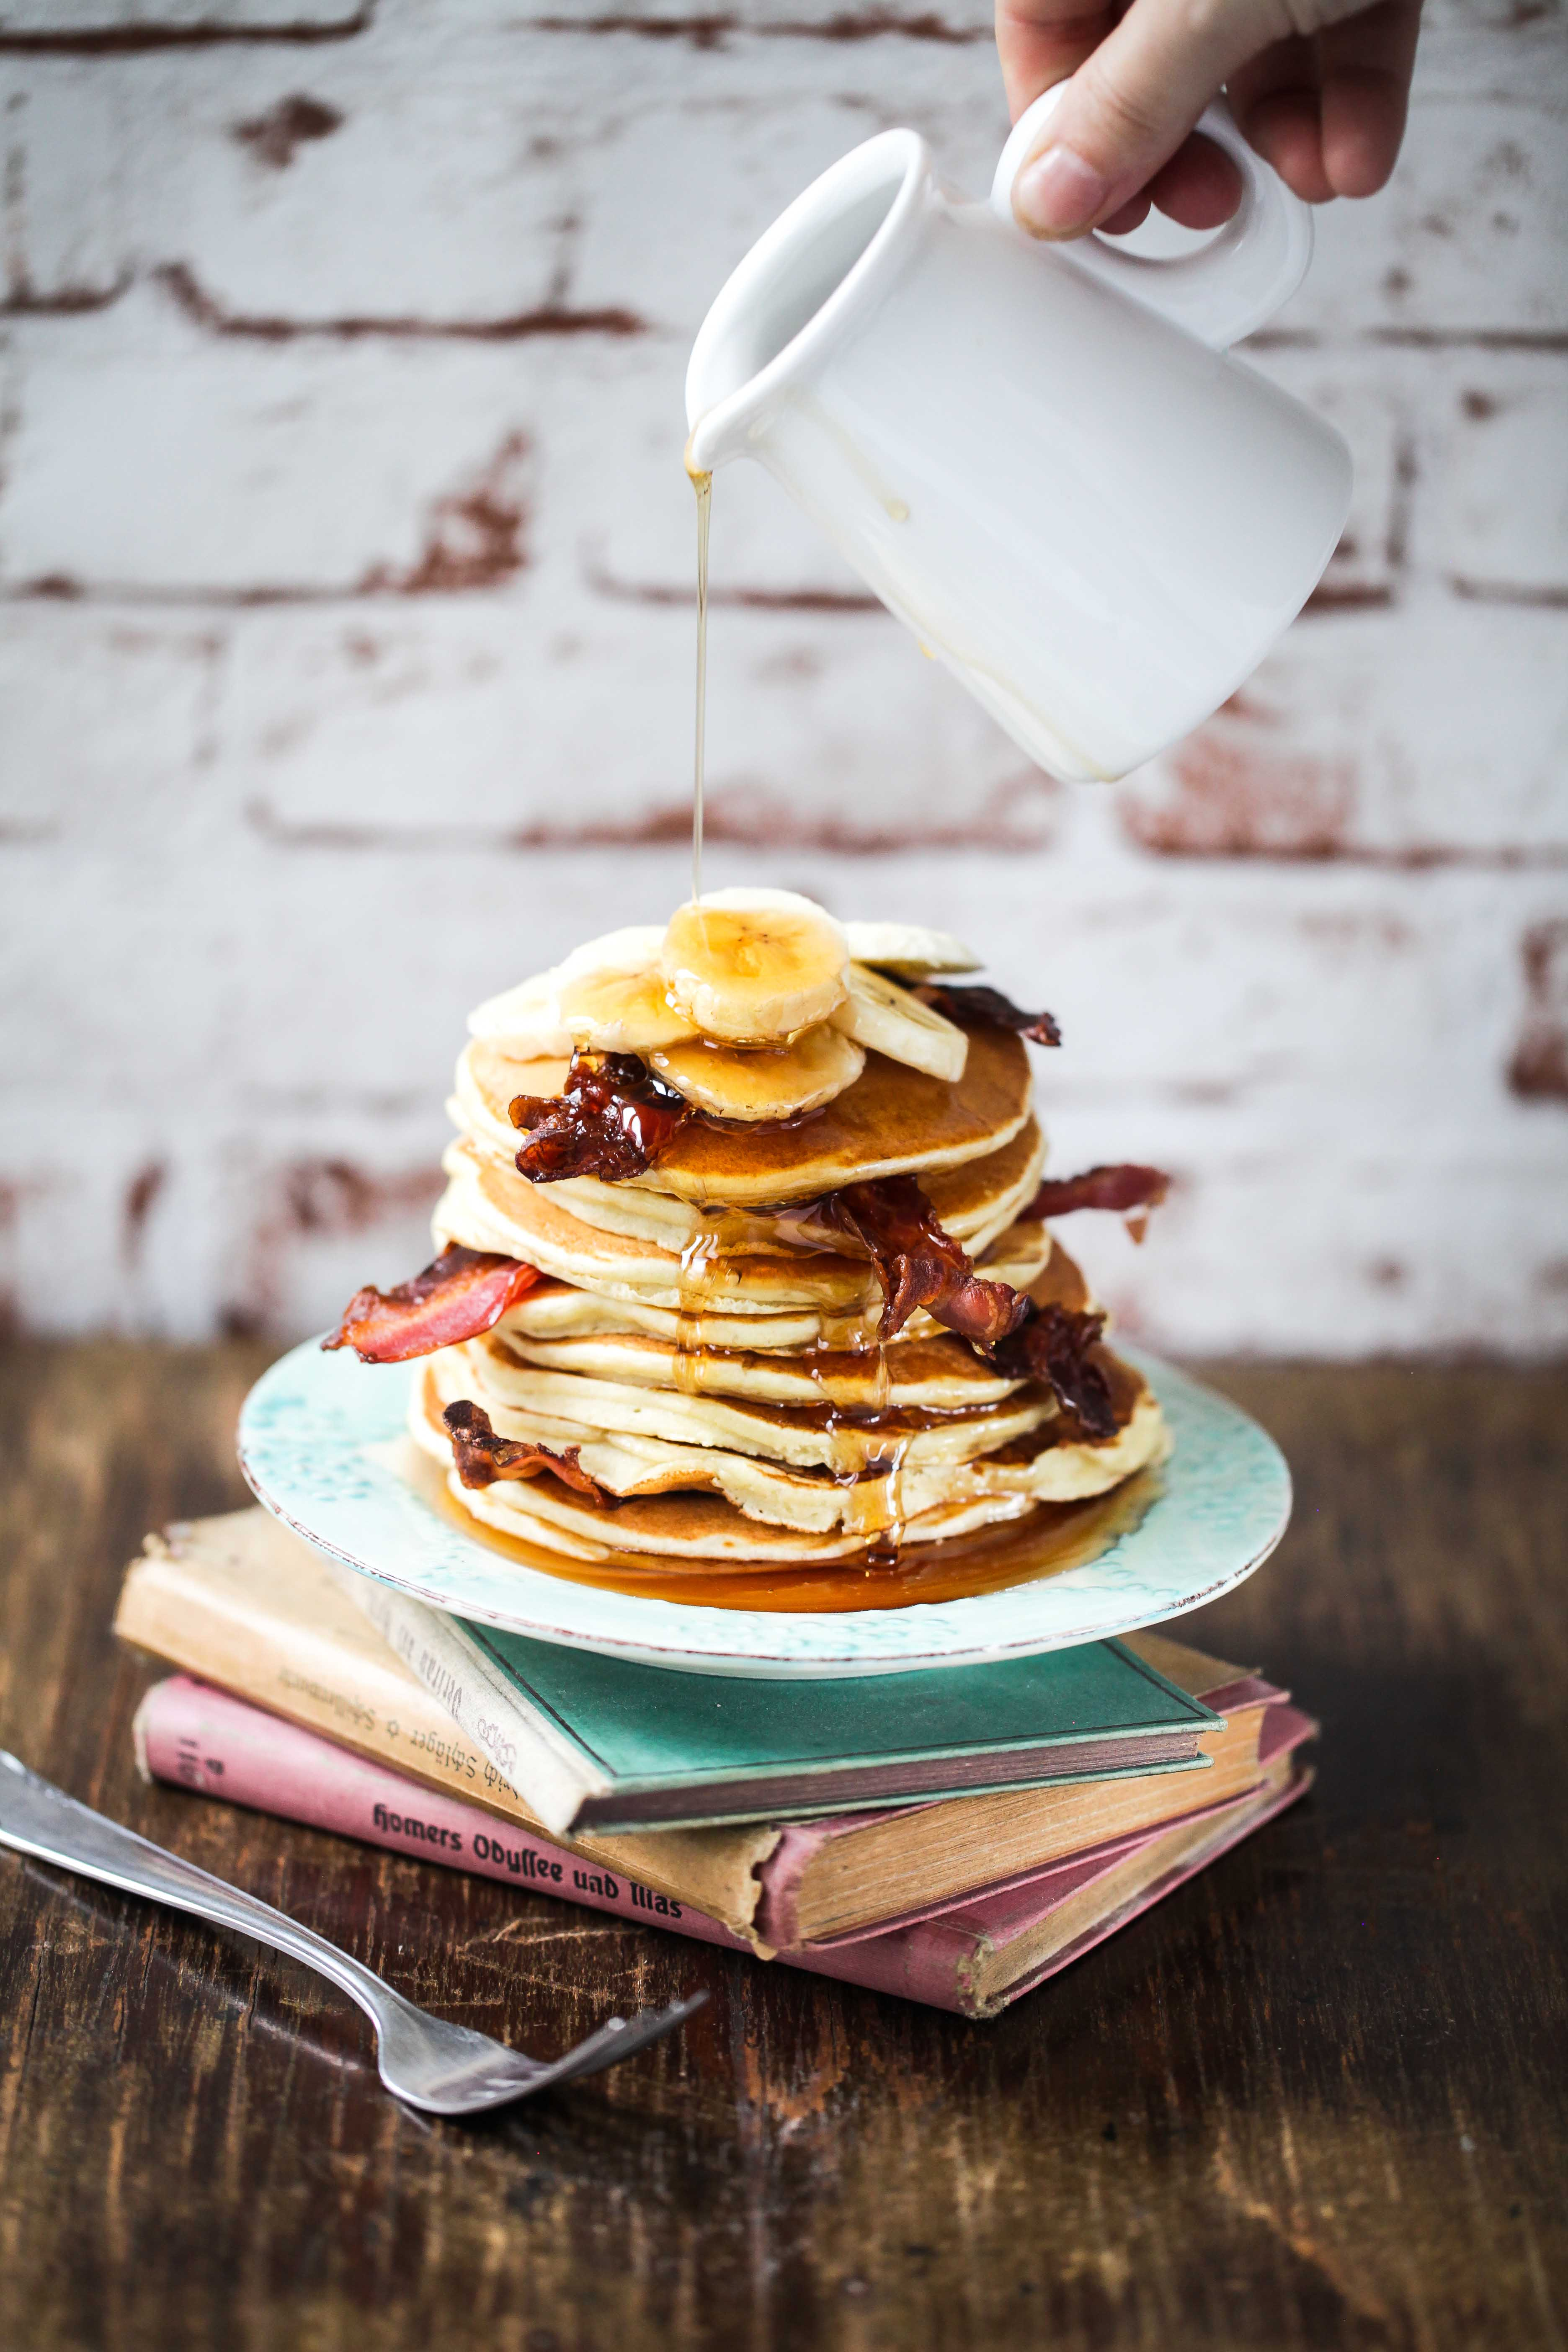 Elvis Erdnussbutter Bananen Pancake Rezept bester Pancake Bananenpfannkuchen Zuckerzimtundliebe einfaches Rezept Frühstücksglück Foodblog